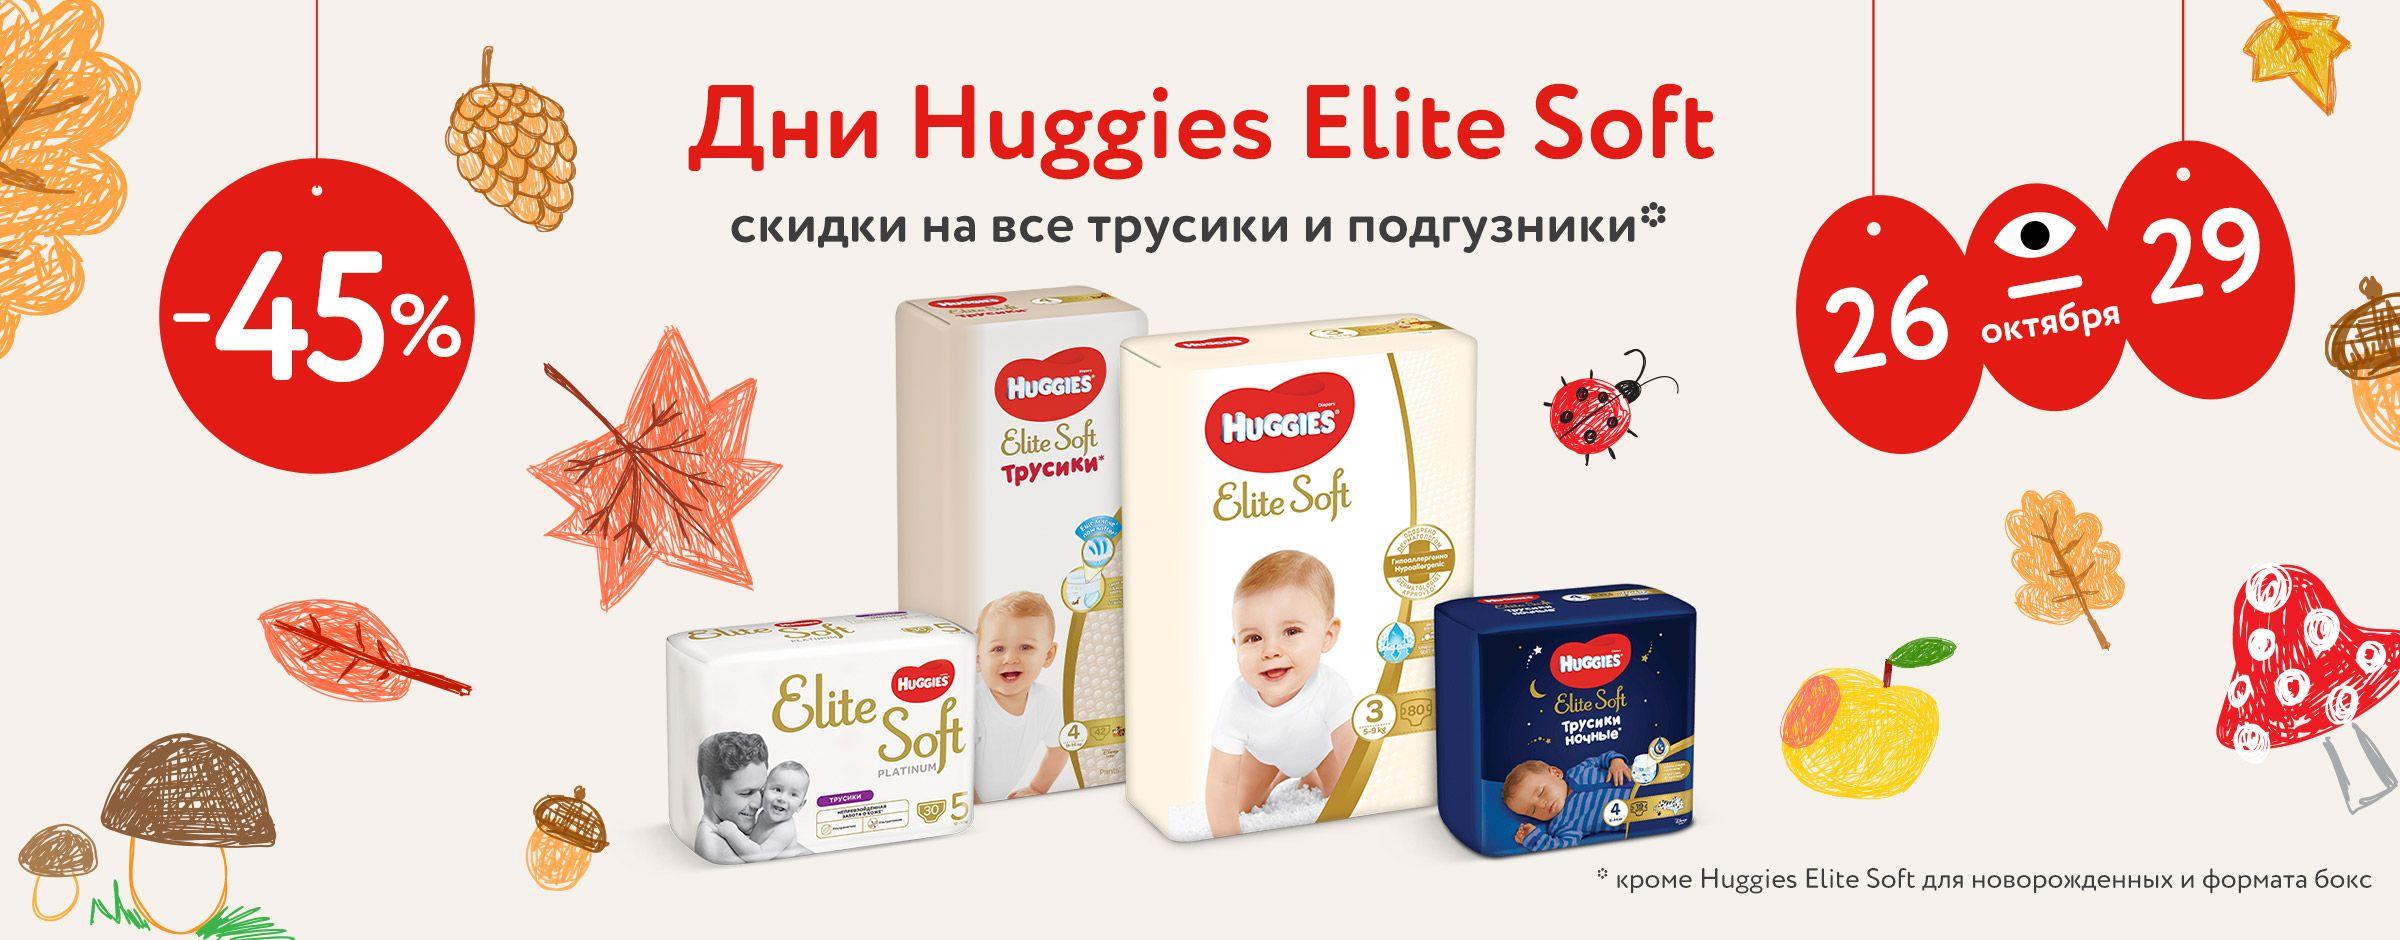 45% на трусики и подгузники Huggies Elite soft Категории 1